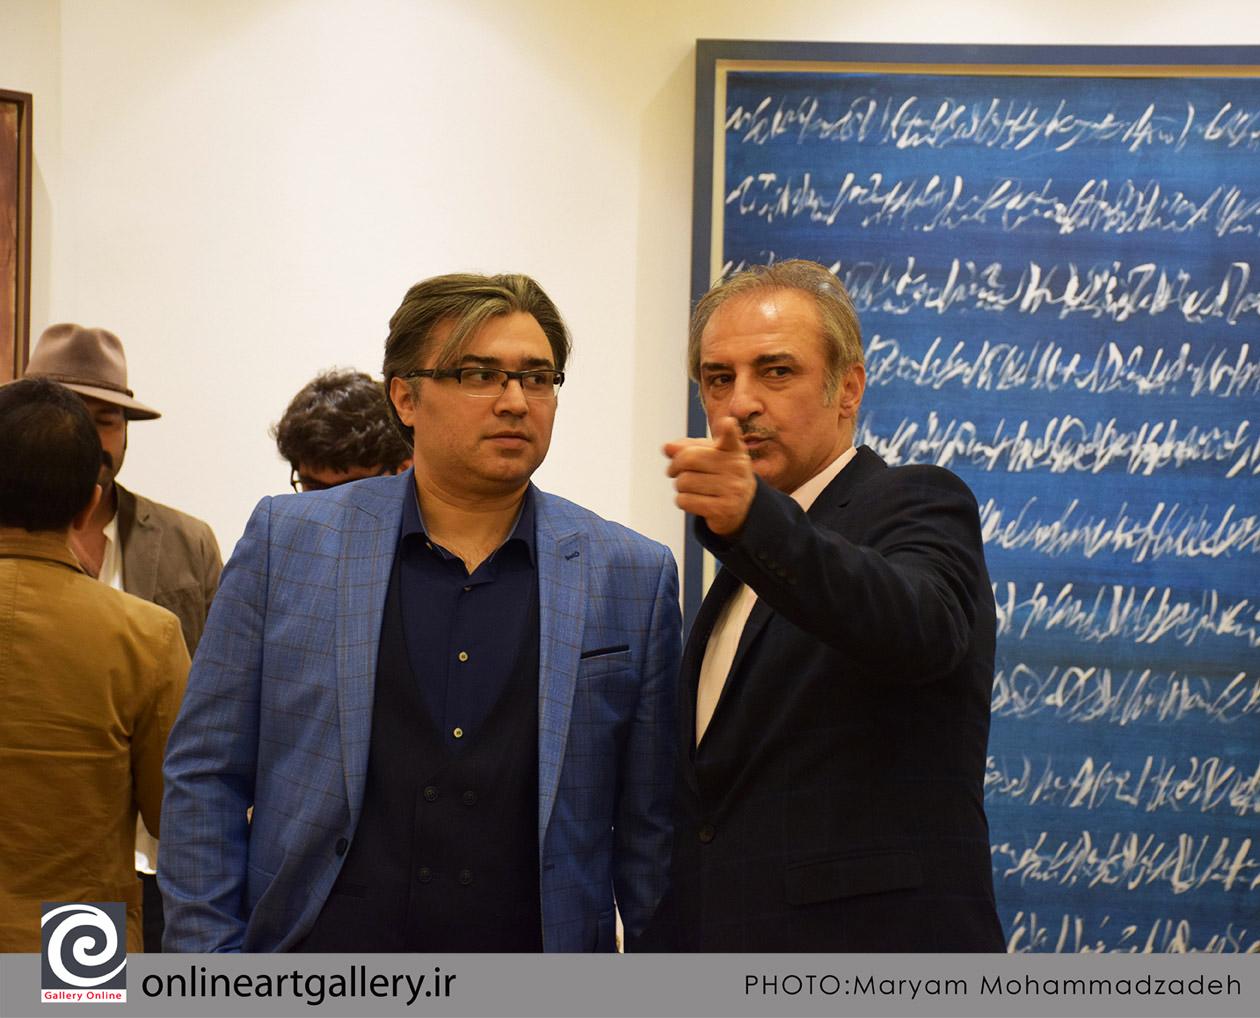 گزارش تصویری نمایشگاه آثار دهمین دوره حراج تهران (بخش اول)